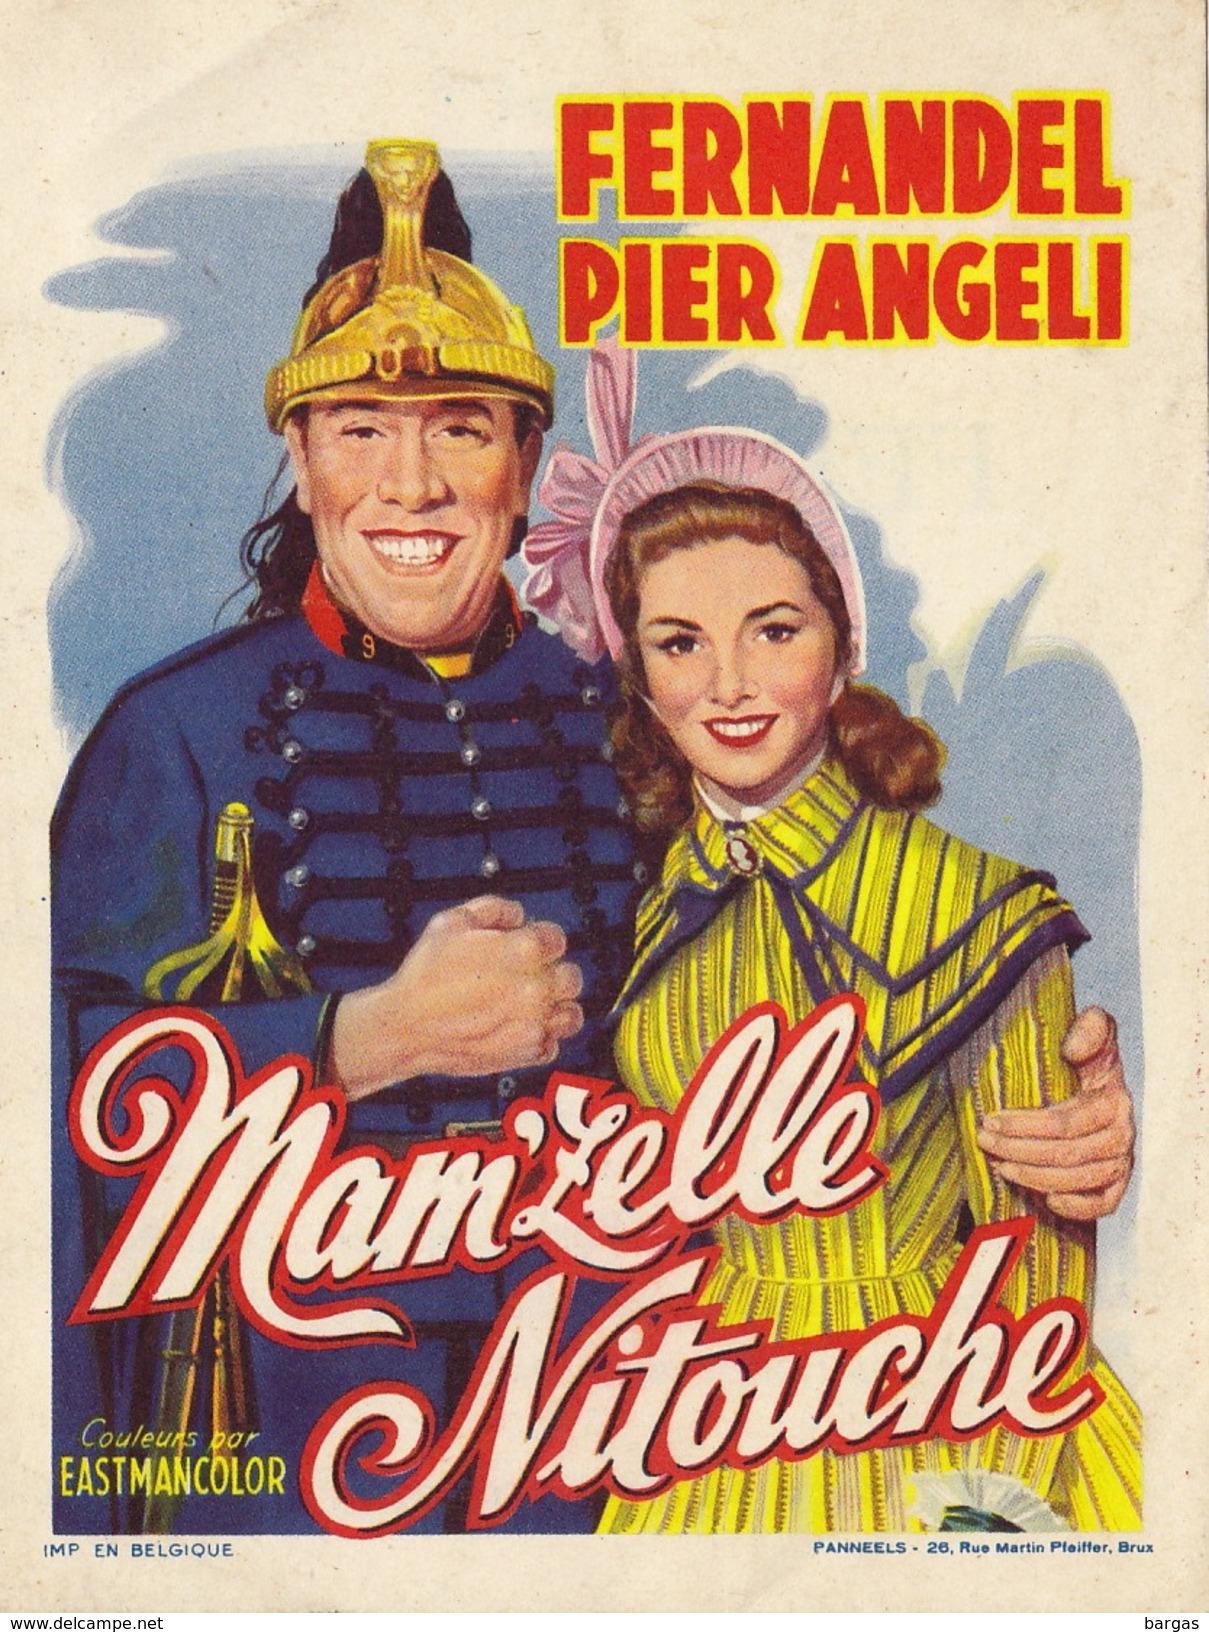 Petite Affiche De Présentation Du Film Mam'zelle Nitouche Fernandel Pier Angeli Au Metropole à Bruxelles - Programmes